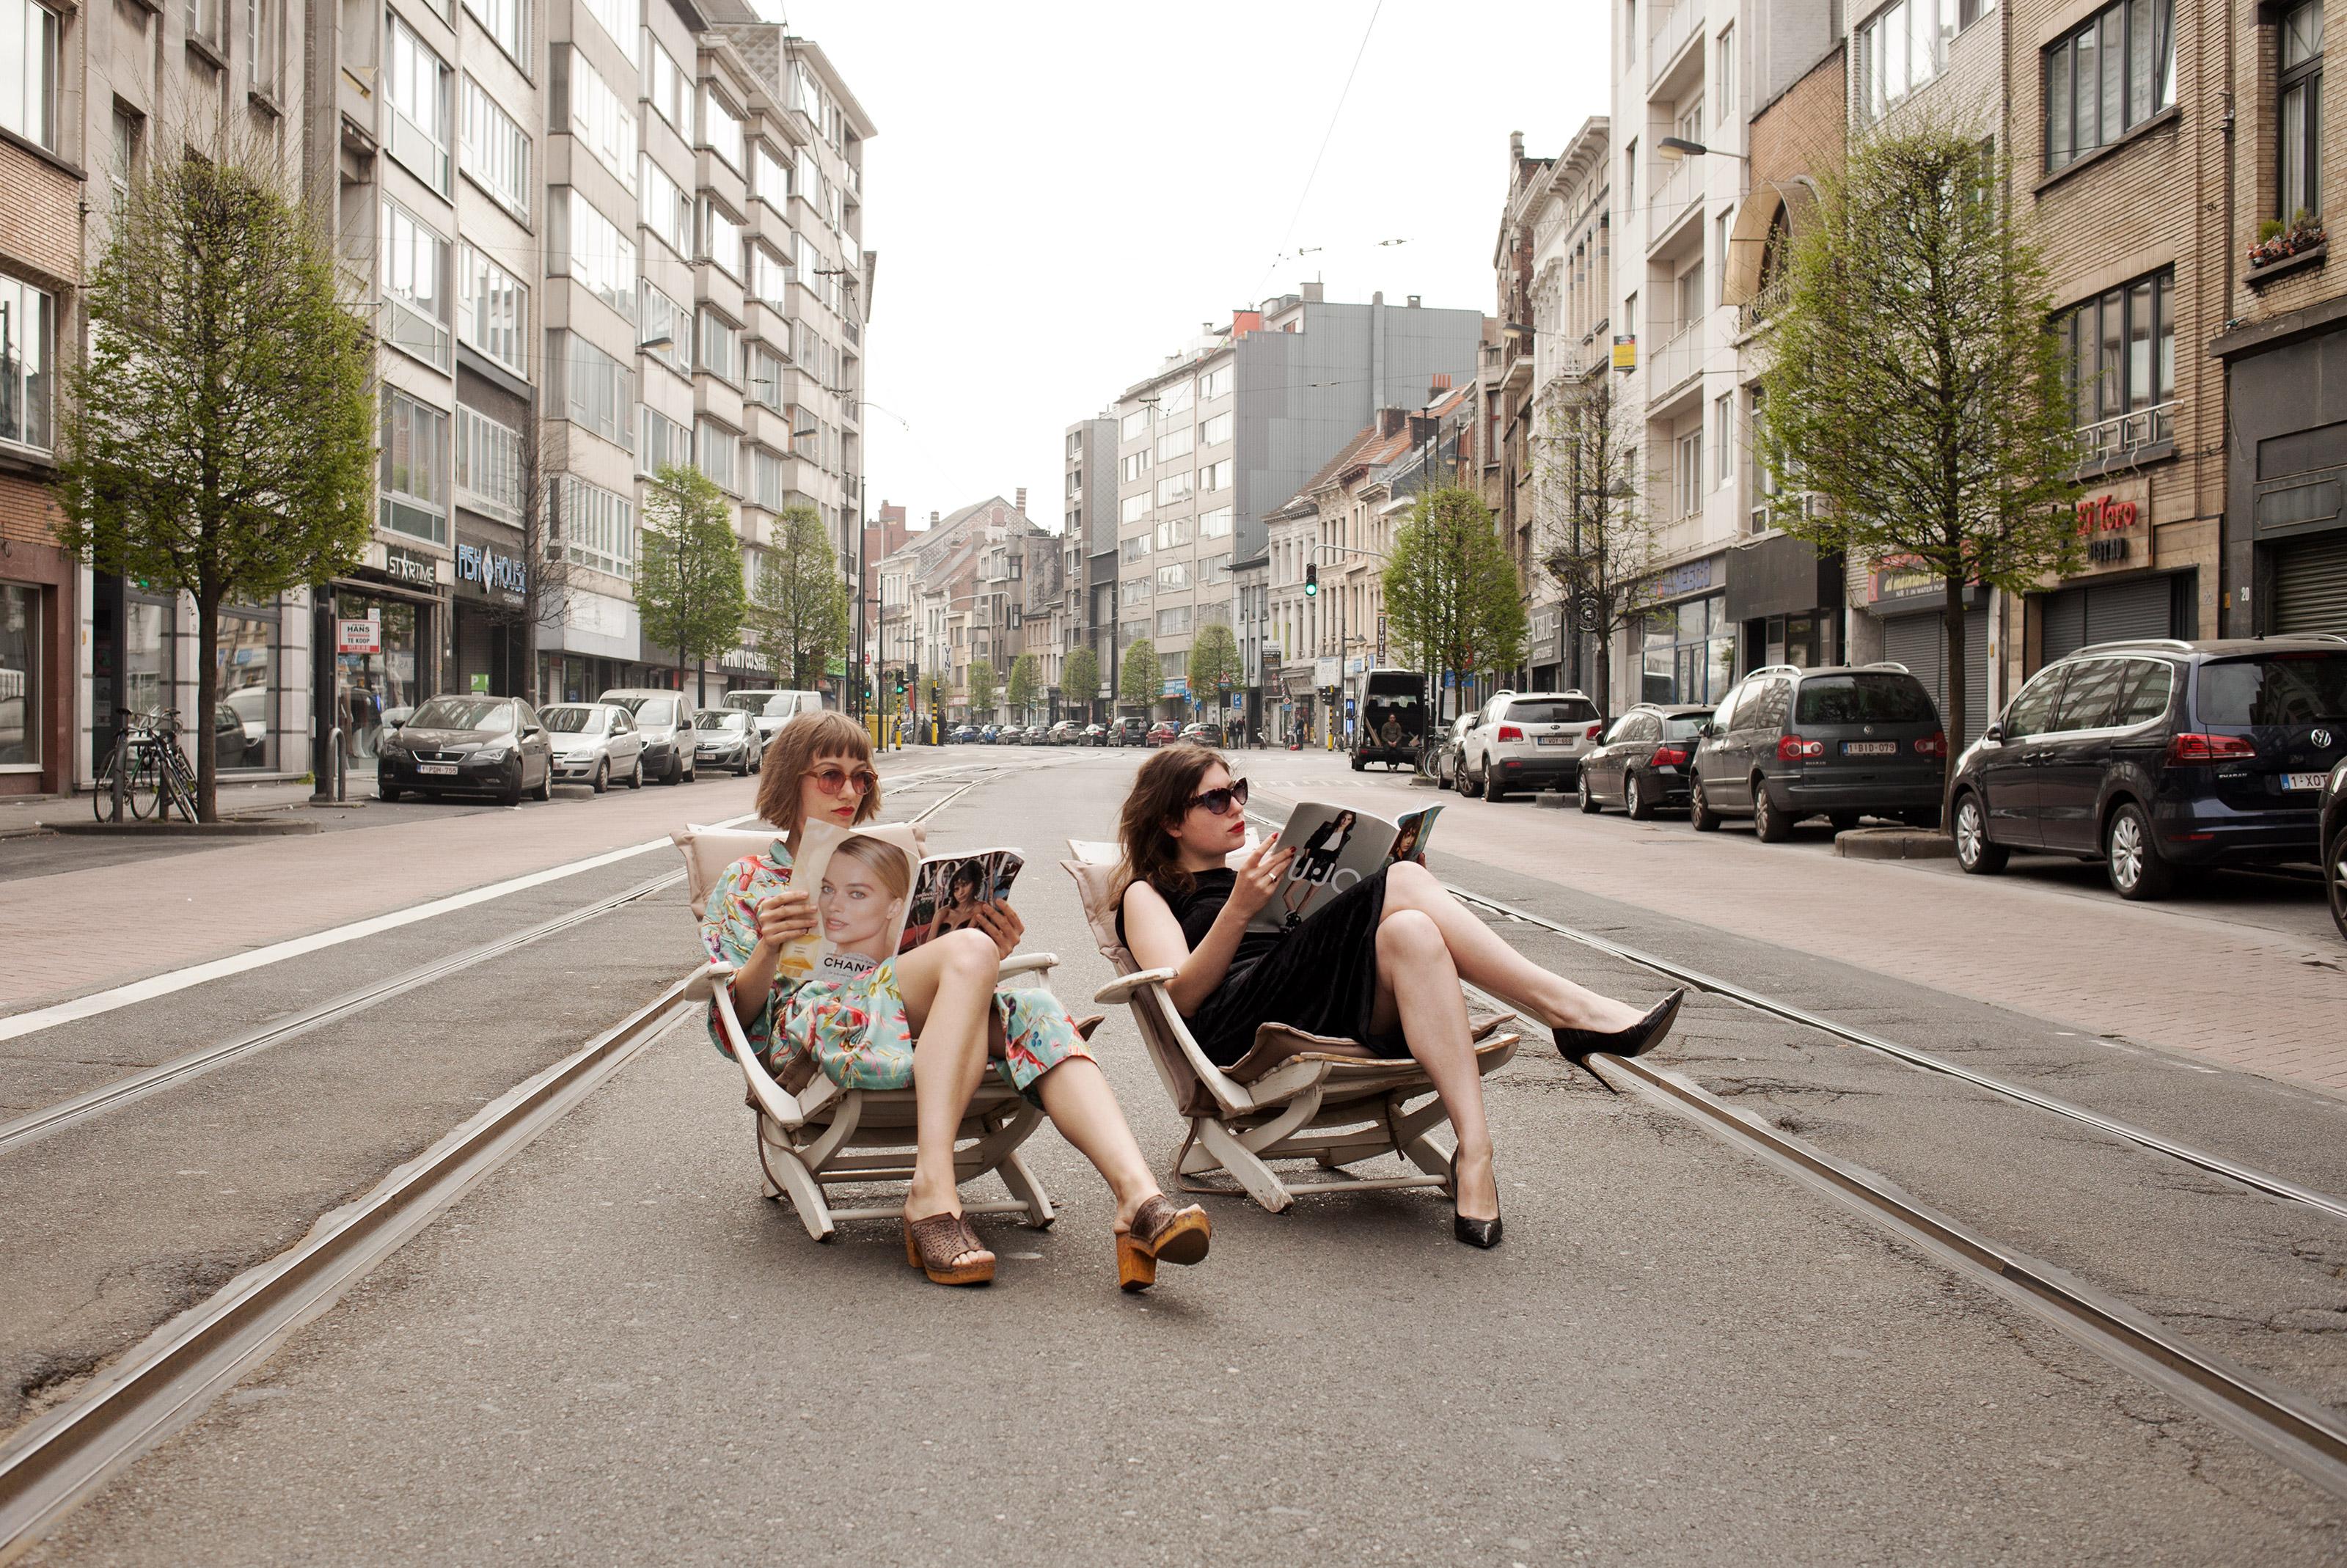 Turnhoutsebaan: 2 vrouwen op een strandstoel met een tijdschrift